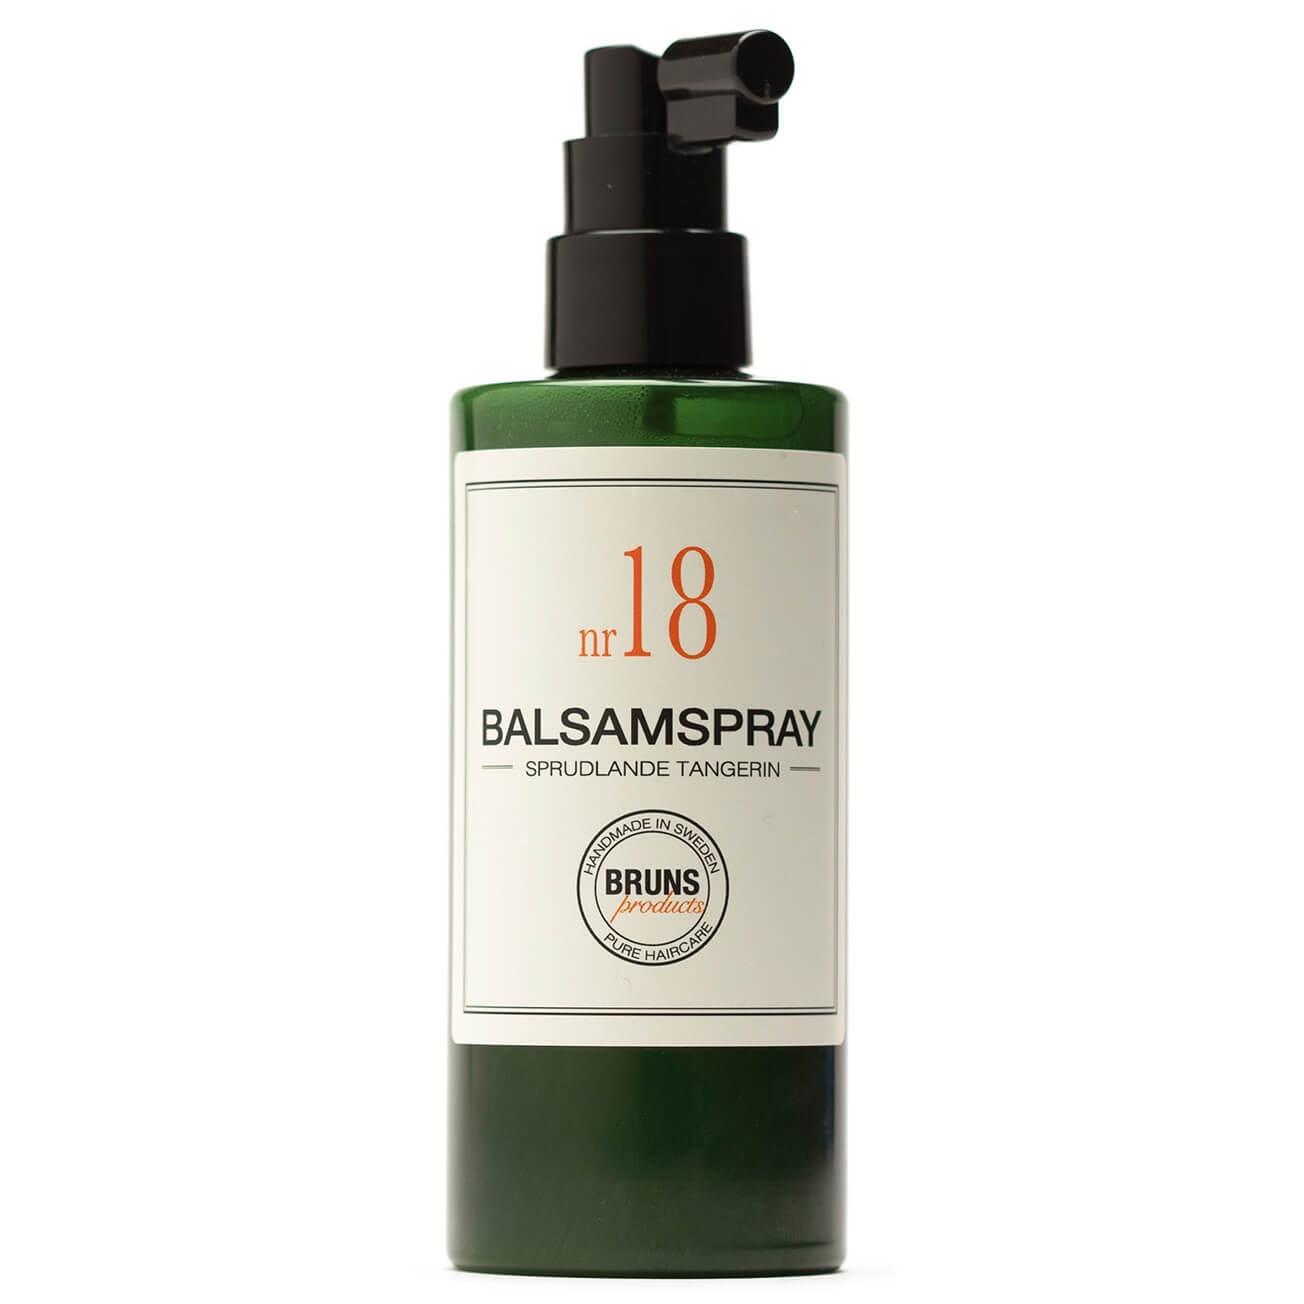 Bruns Products Balsamspray 18 Sprudlande tangerin 200ml - För torrt, skadat, normalt & lockigt hår